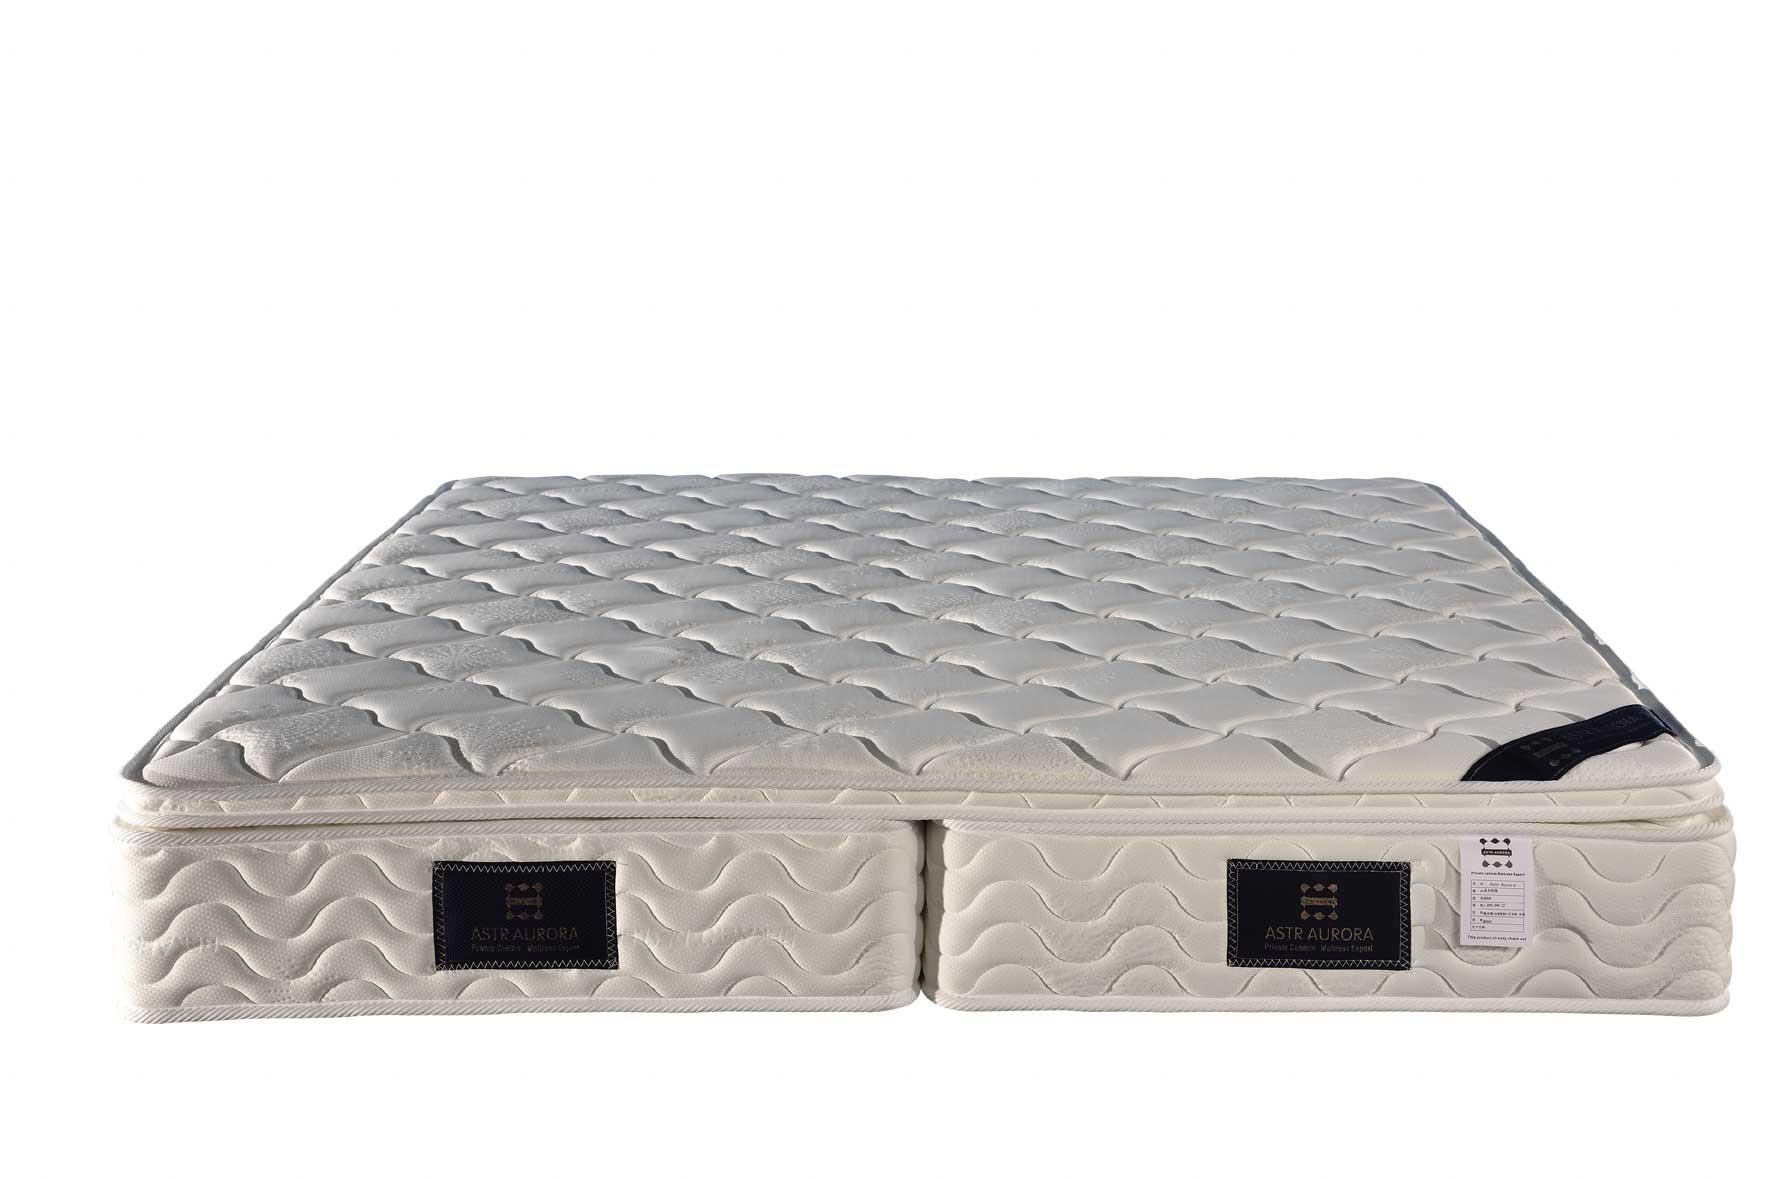 三亚独立袋弹簧床垫选择 诚信经营「苏州星夜家居科技供应」